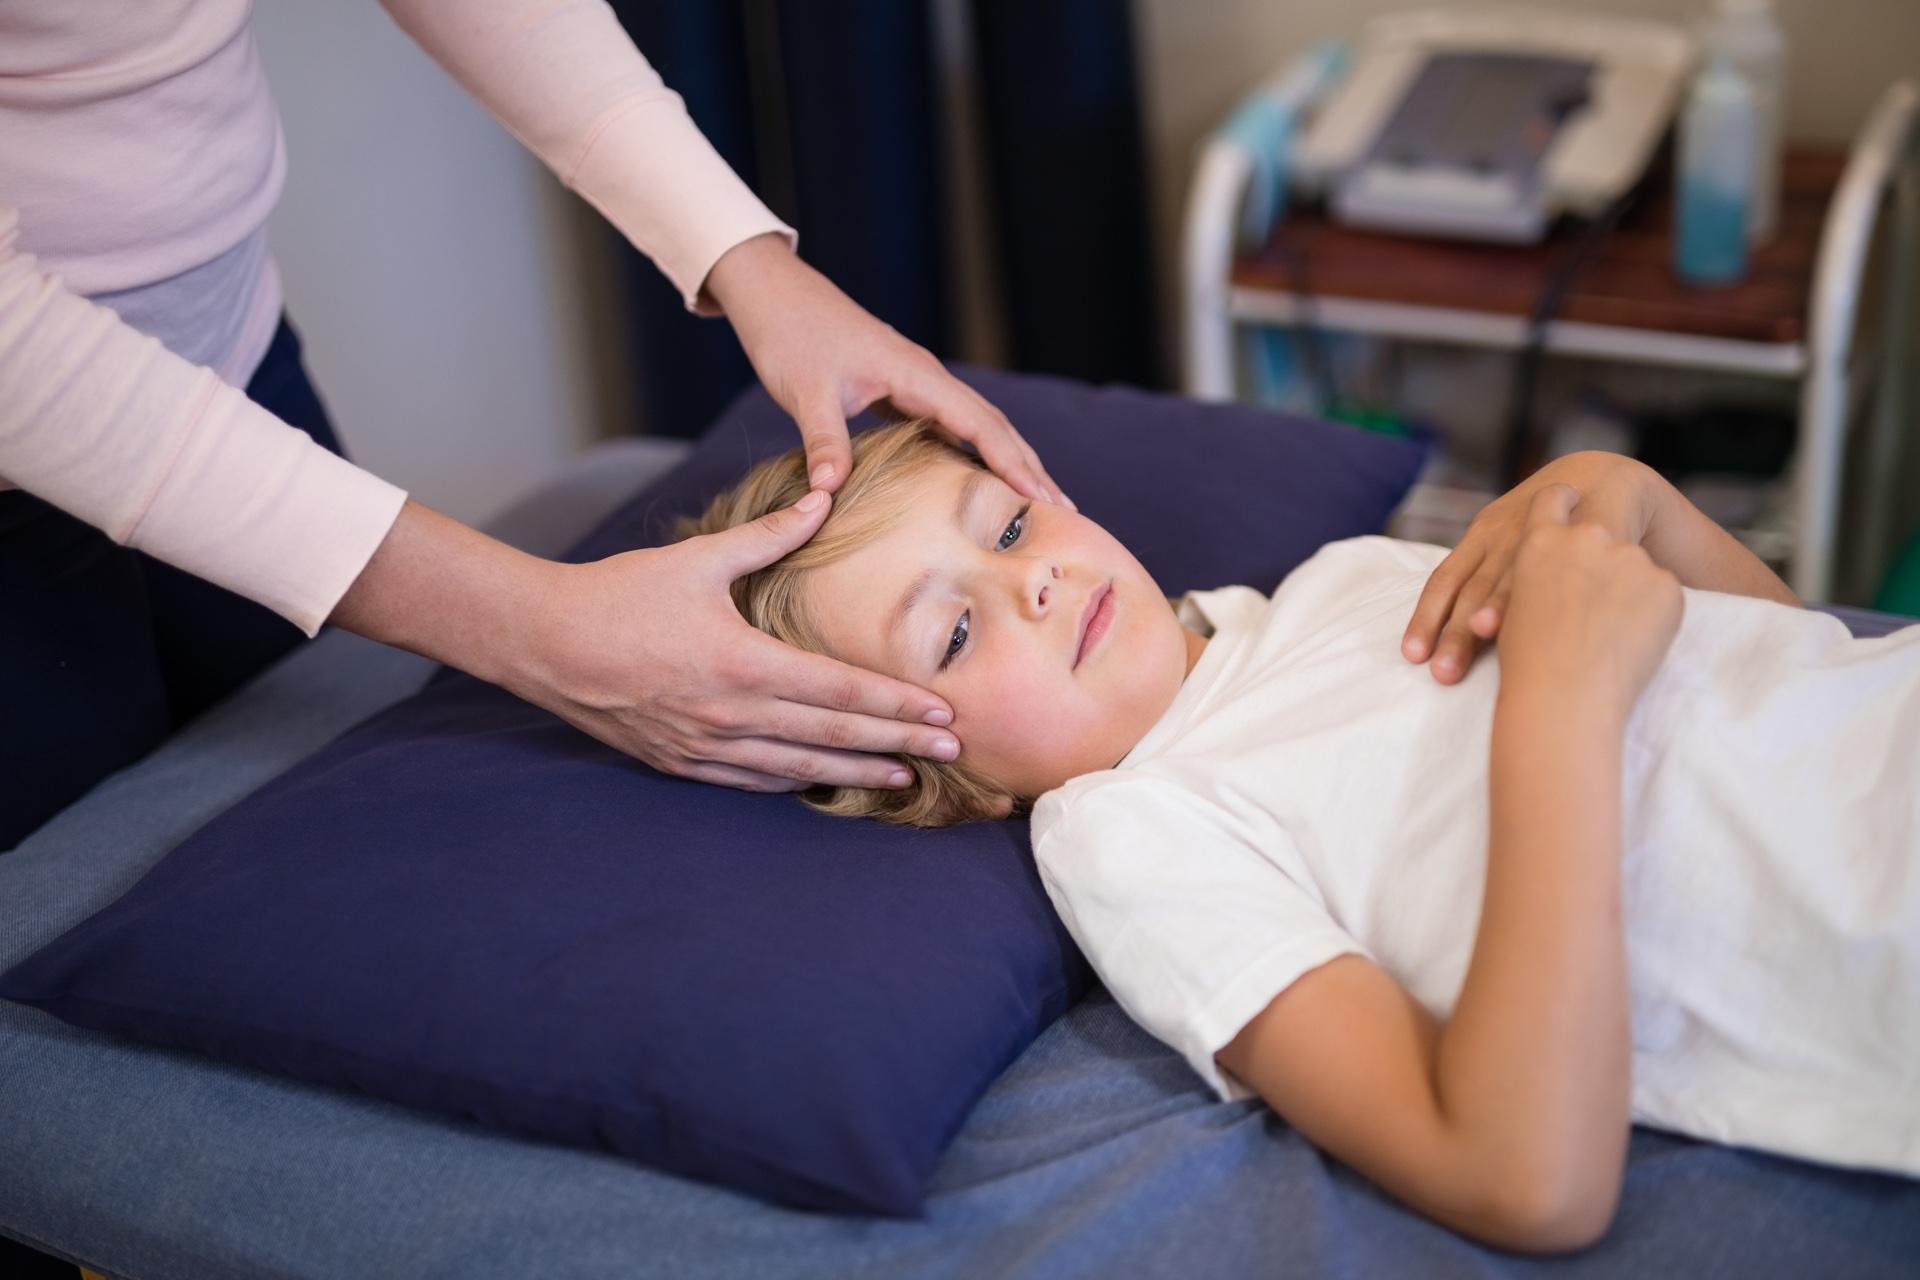 Fisioterapia En Majadahonda  La Clínica De Fisioterapia Mejor Valorada